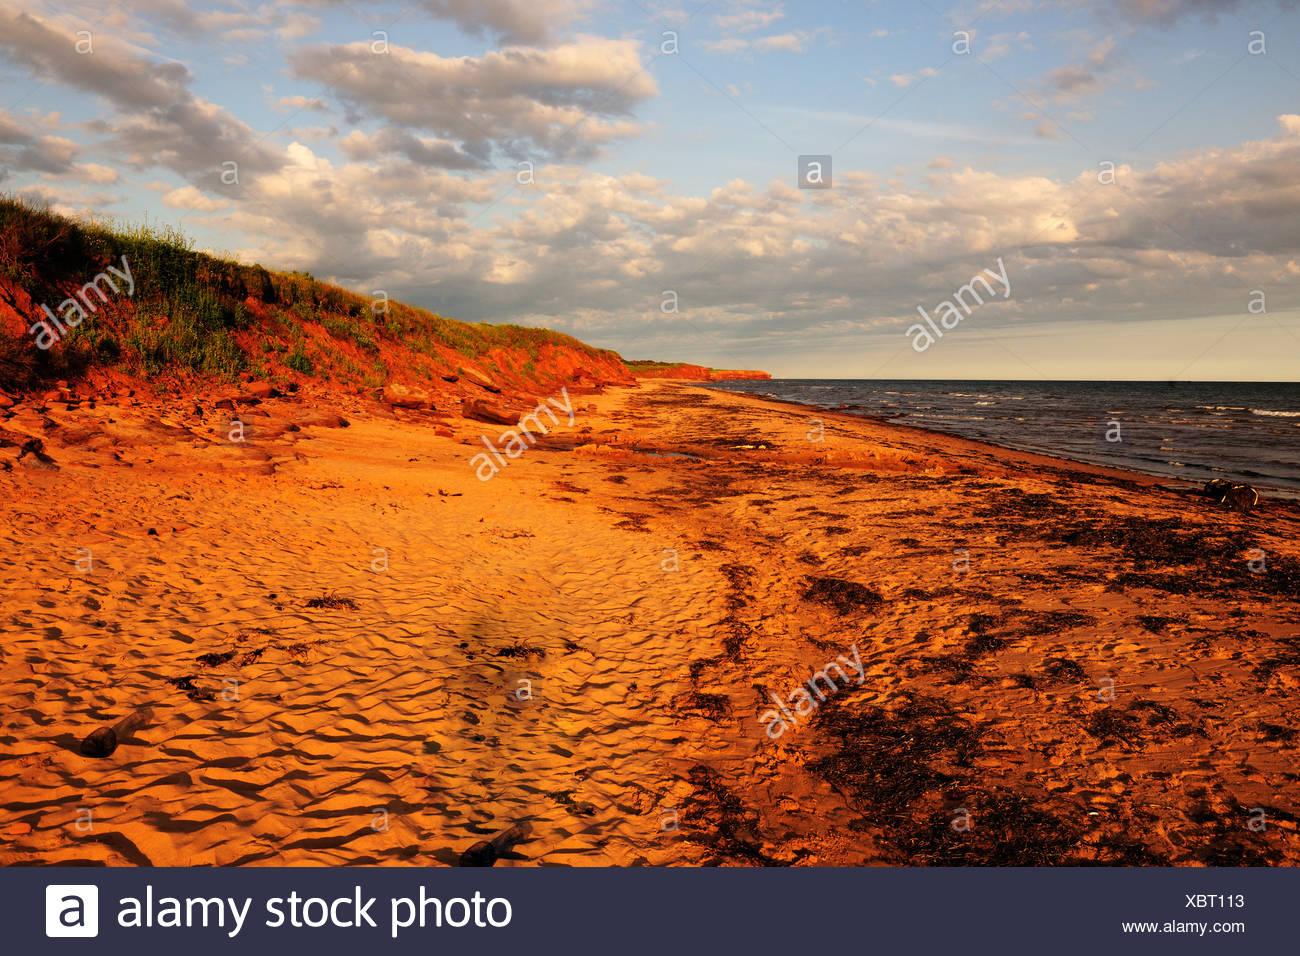 Playas y acantilados de arenisca roja, típico de la costa de Prince Edward Island National Park, Prince Edward Island, Canadá Imagen De Stock